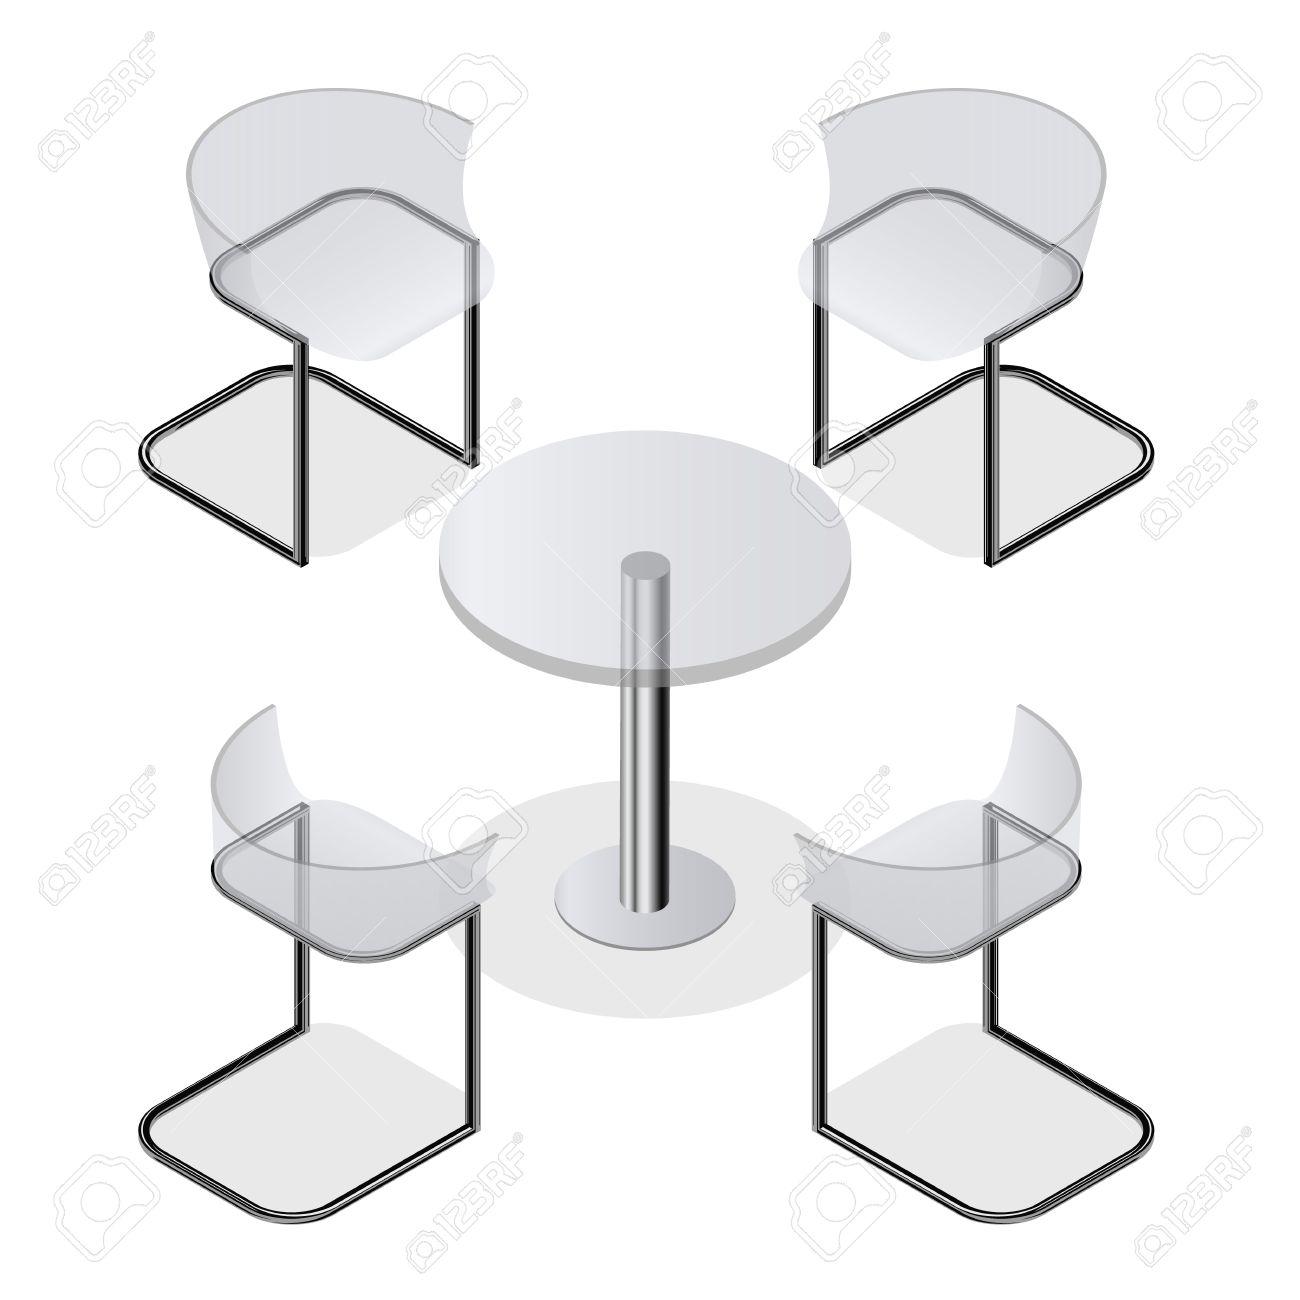 Transparante Design Stoelen.Set Van Transparante Isometrische Stoelen En Een Ronde Tafel Voor De Keuken Interieur Ruimte Cafe Of Restaurant Modern Fashion Design Geisoleerd